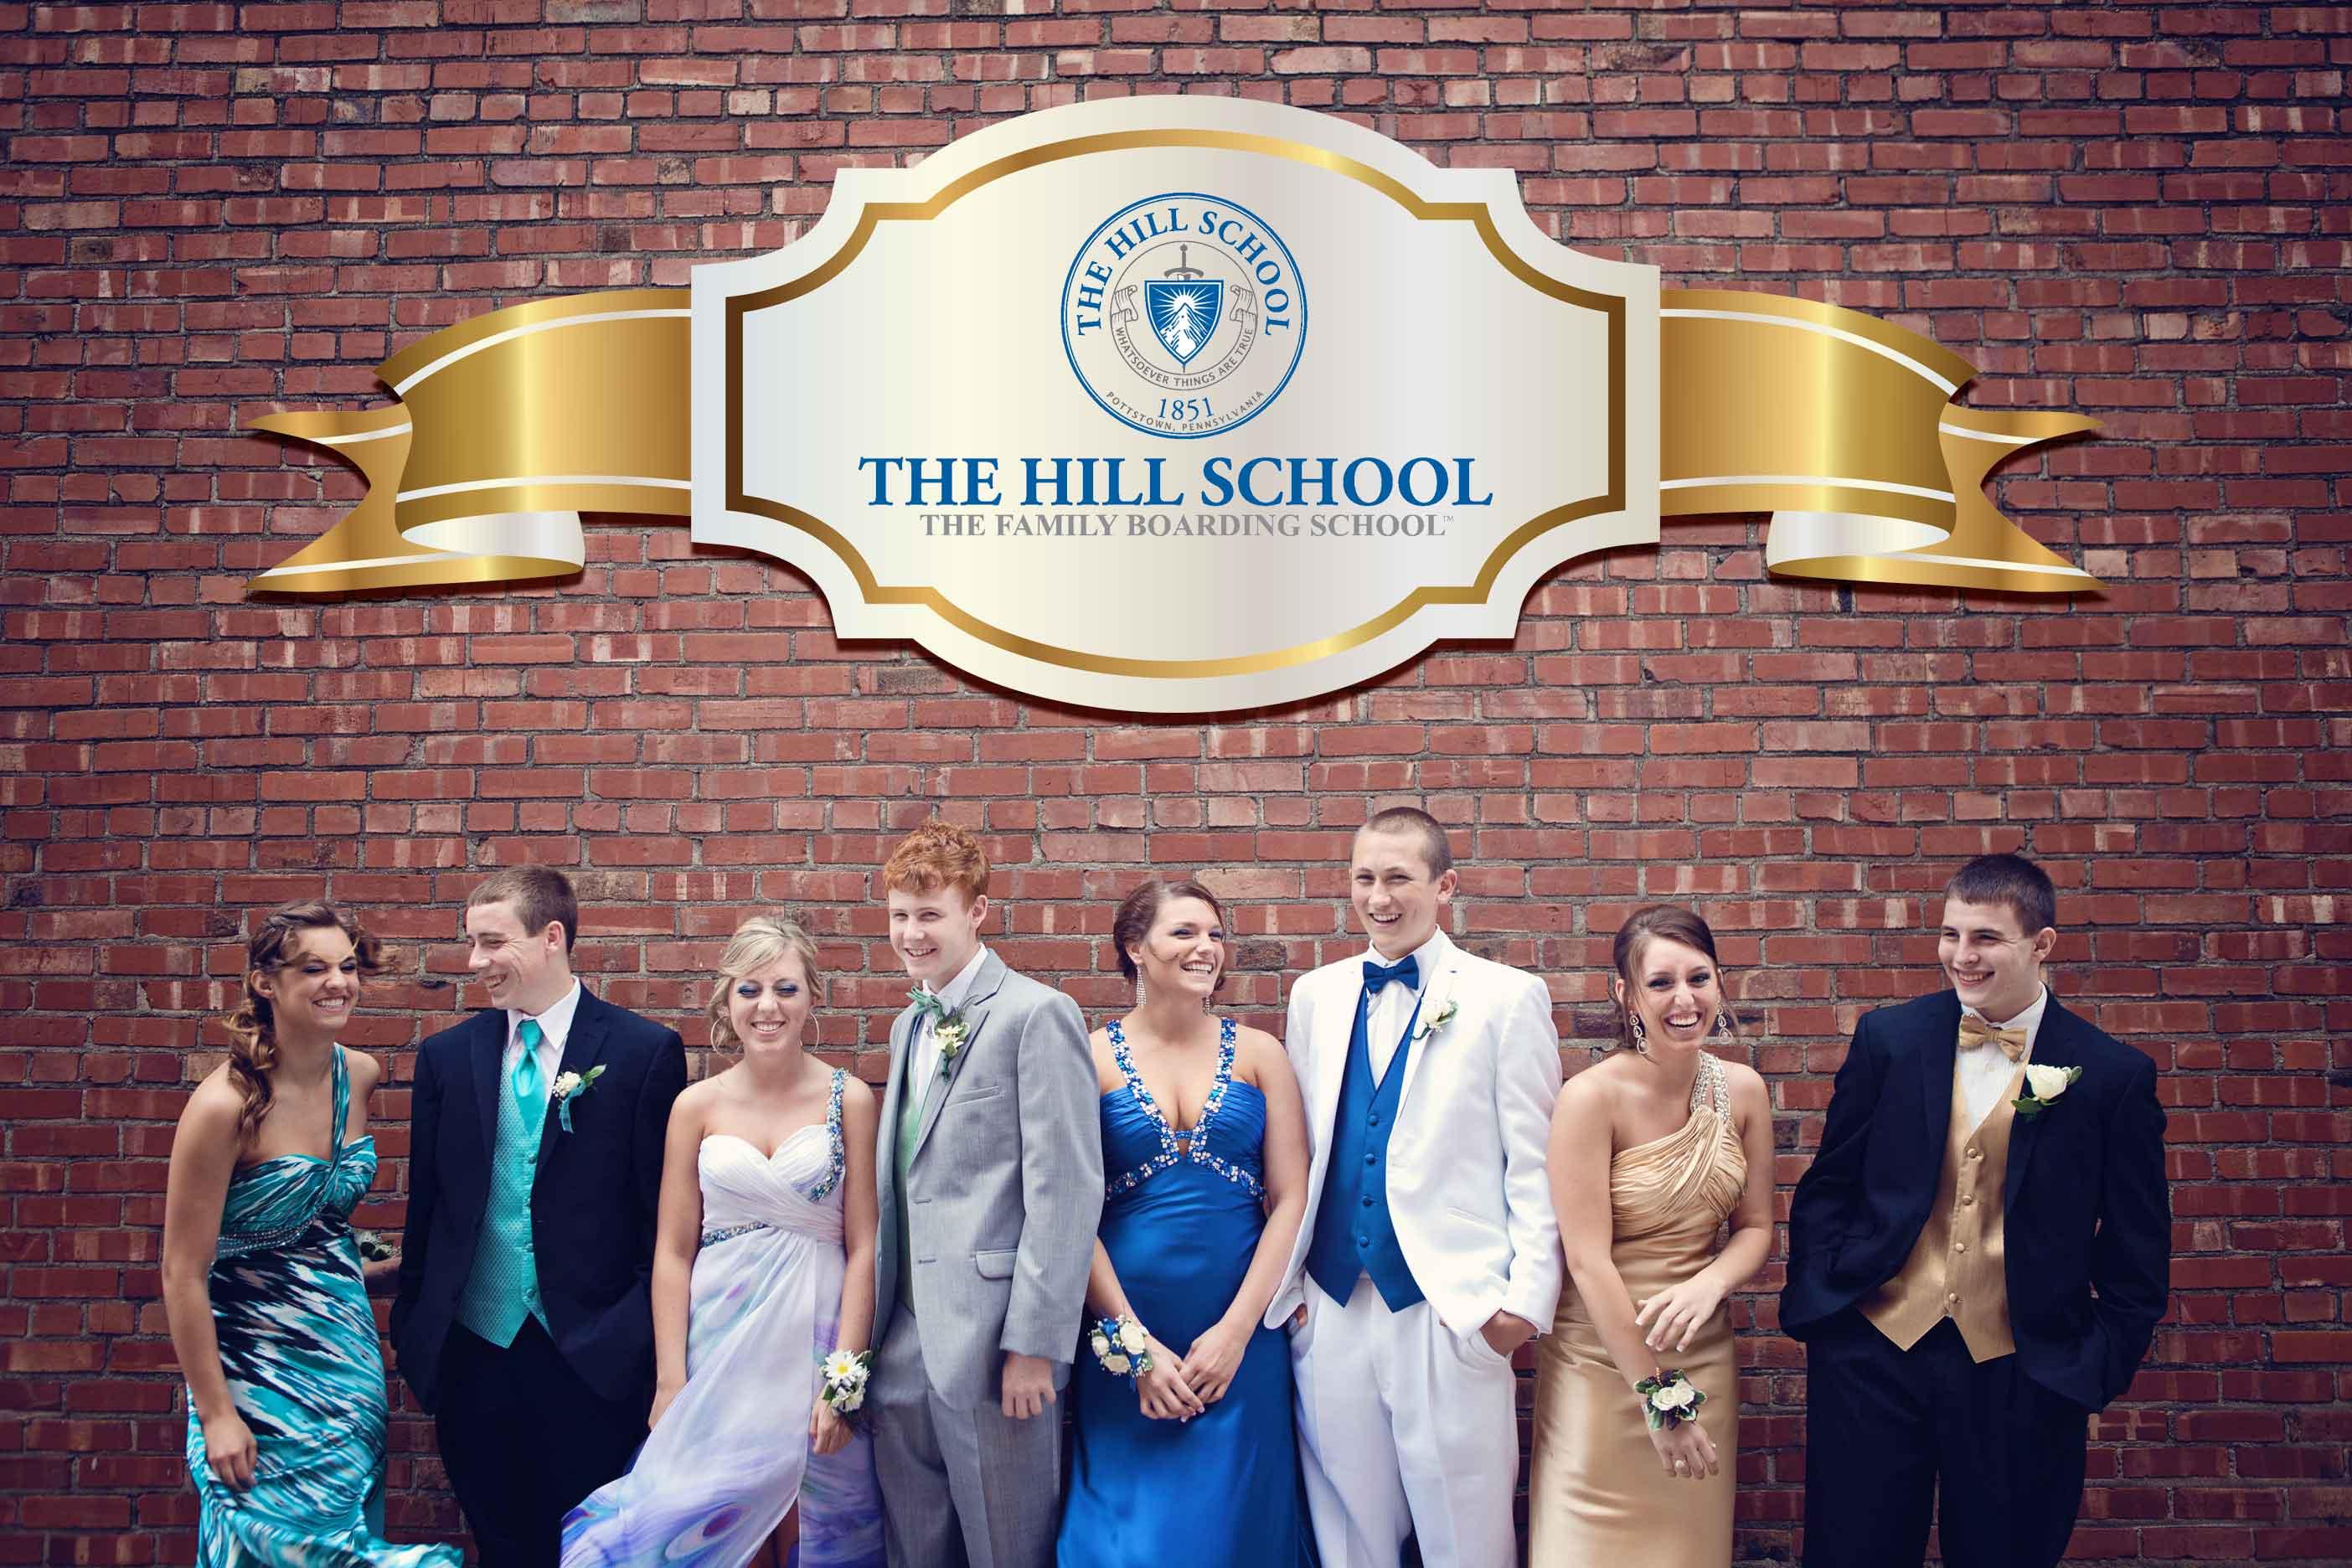 hill school prom